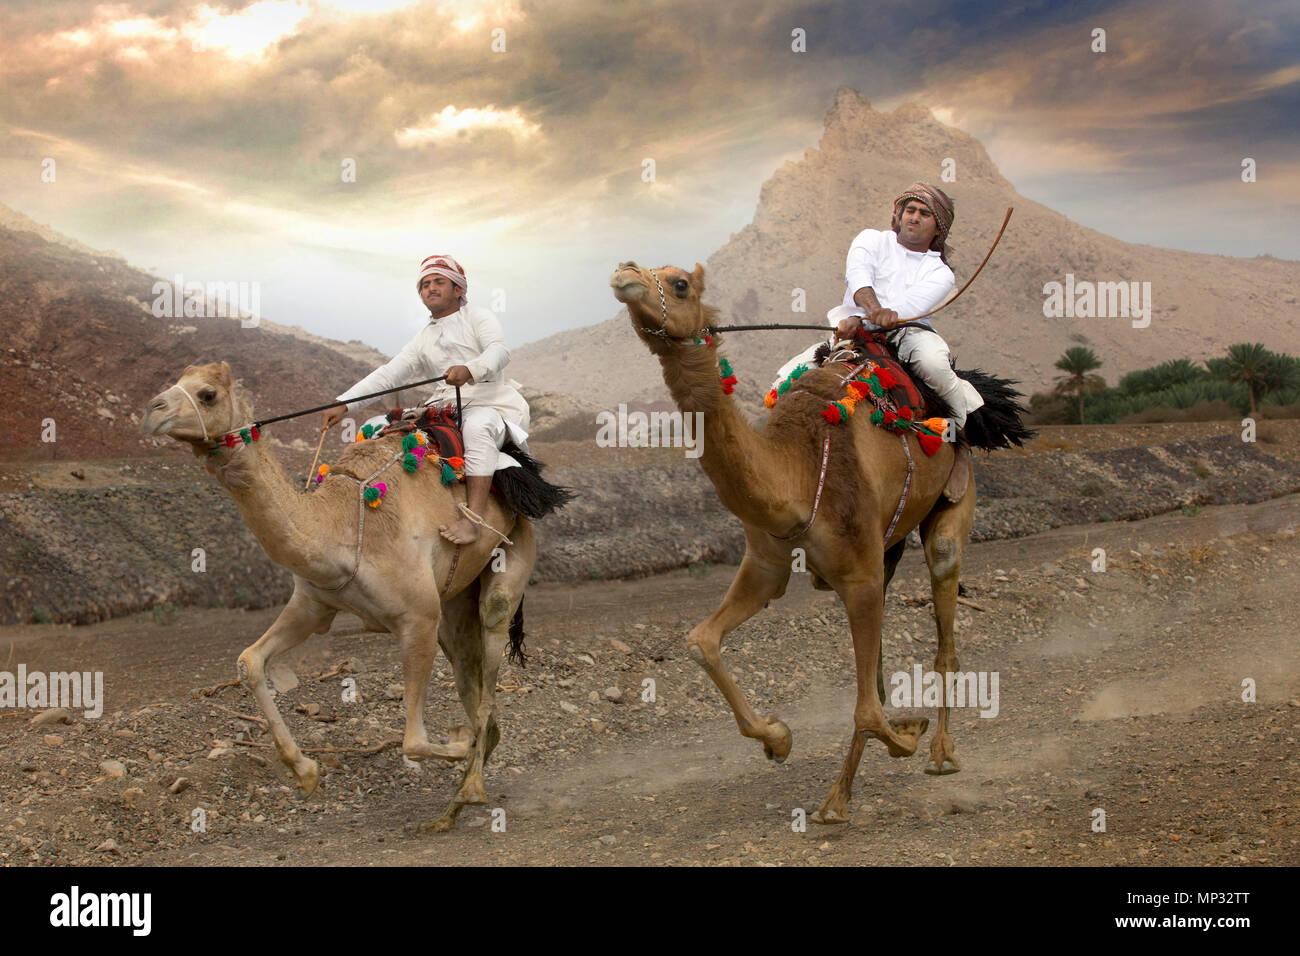 Khadal, Omán, el 7 de abril, 2018: hombres de carreras de camellos en una carretera polvorienta campiña Imagen De Stock